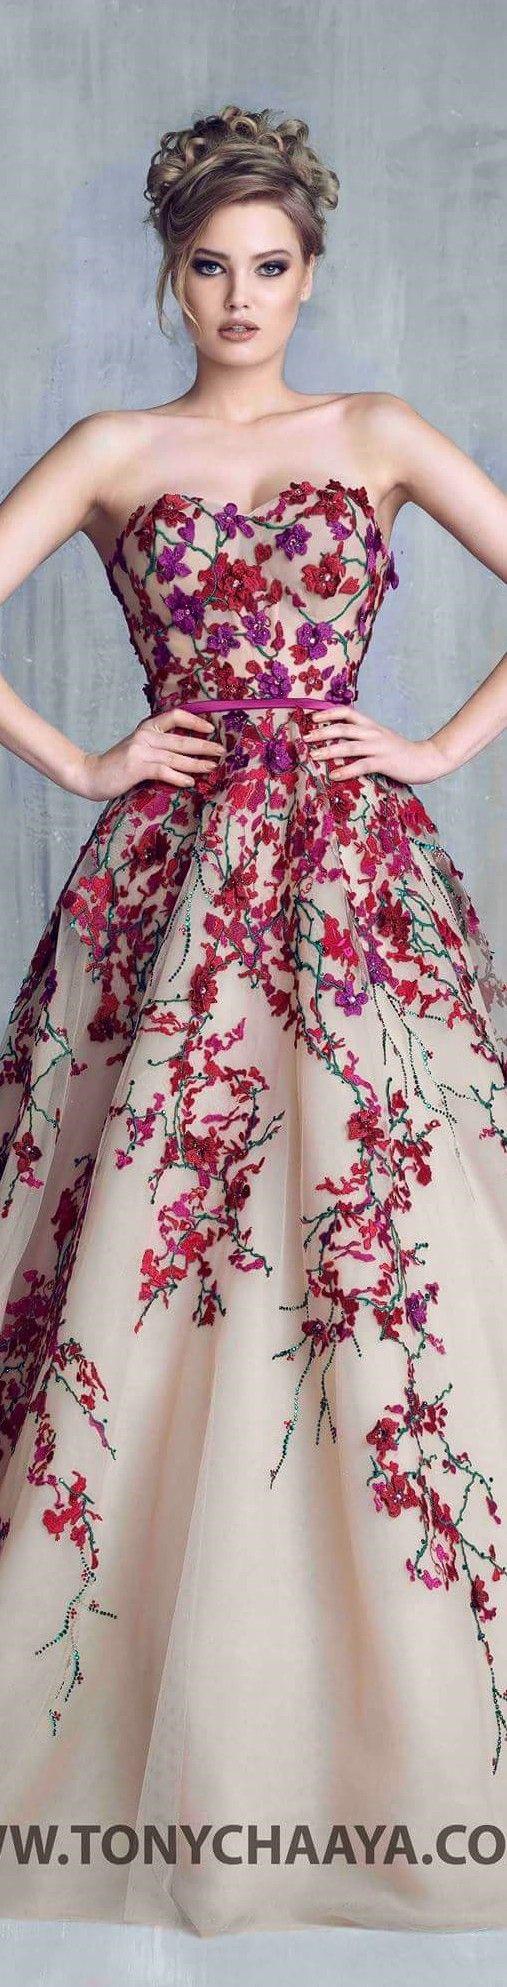 (não gostei da parte de cima) Bordado em cores vivas + nude Gostei da forma como o bordado se espalha pela saia. Tony Chaaya couture 2016: